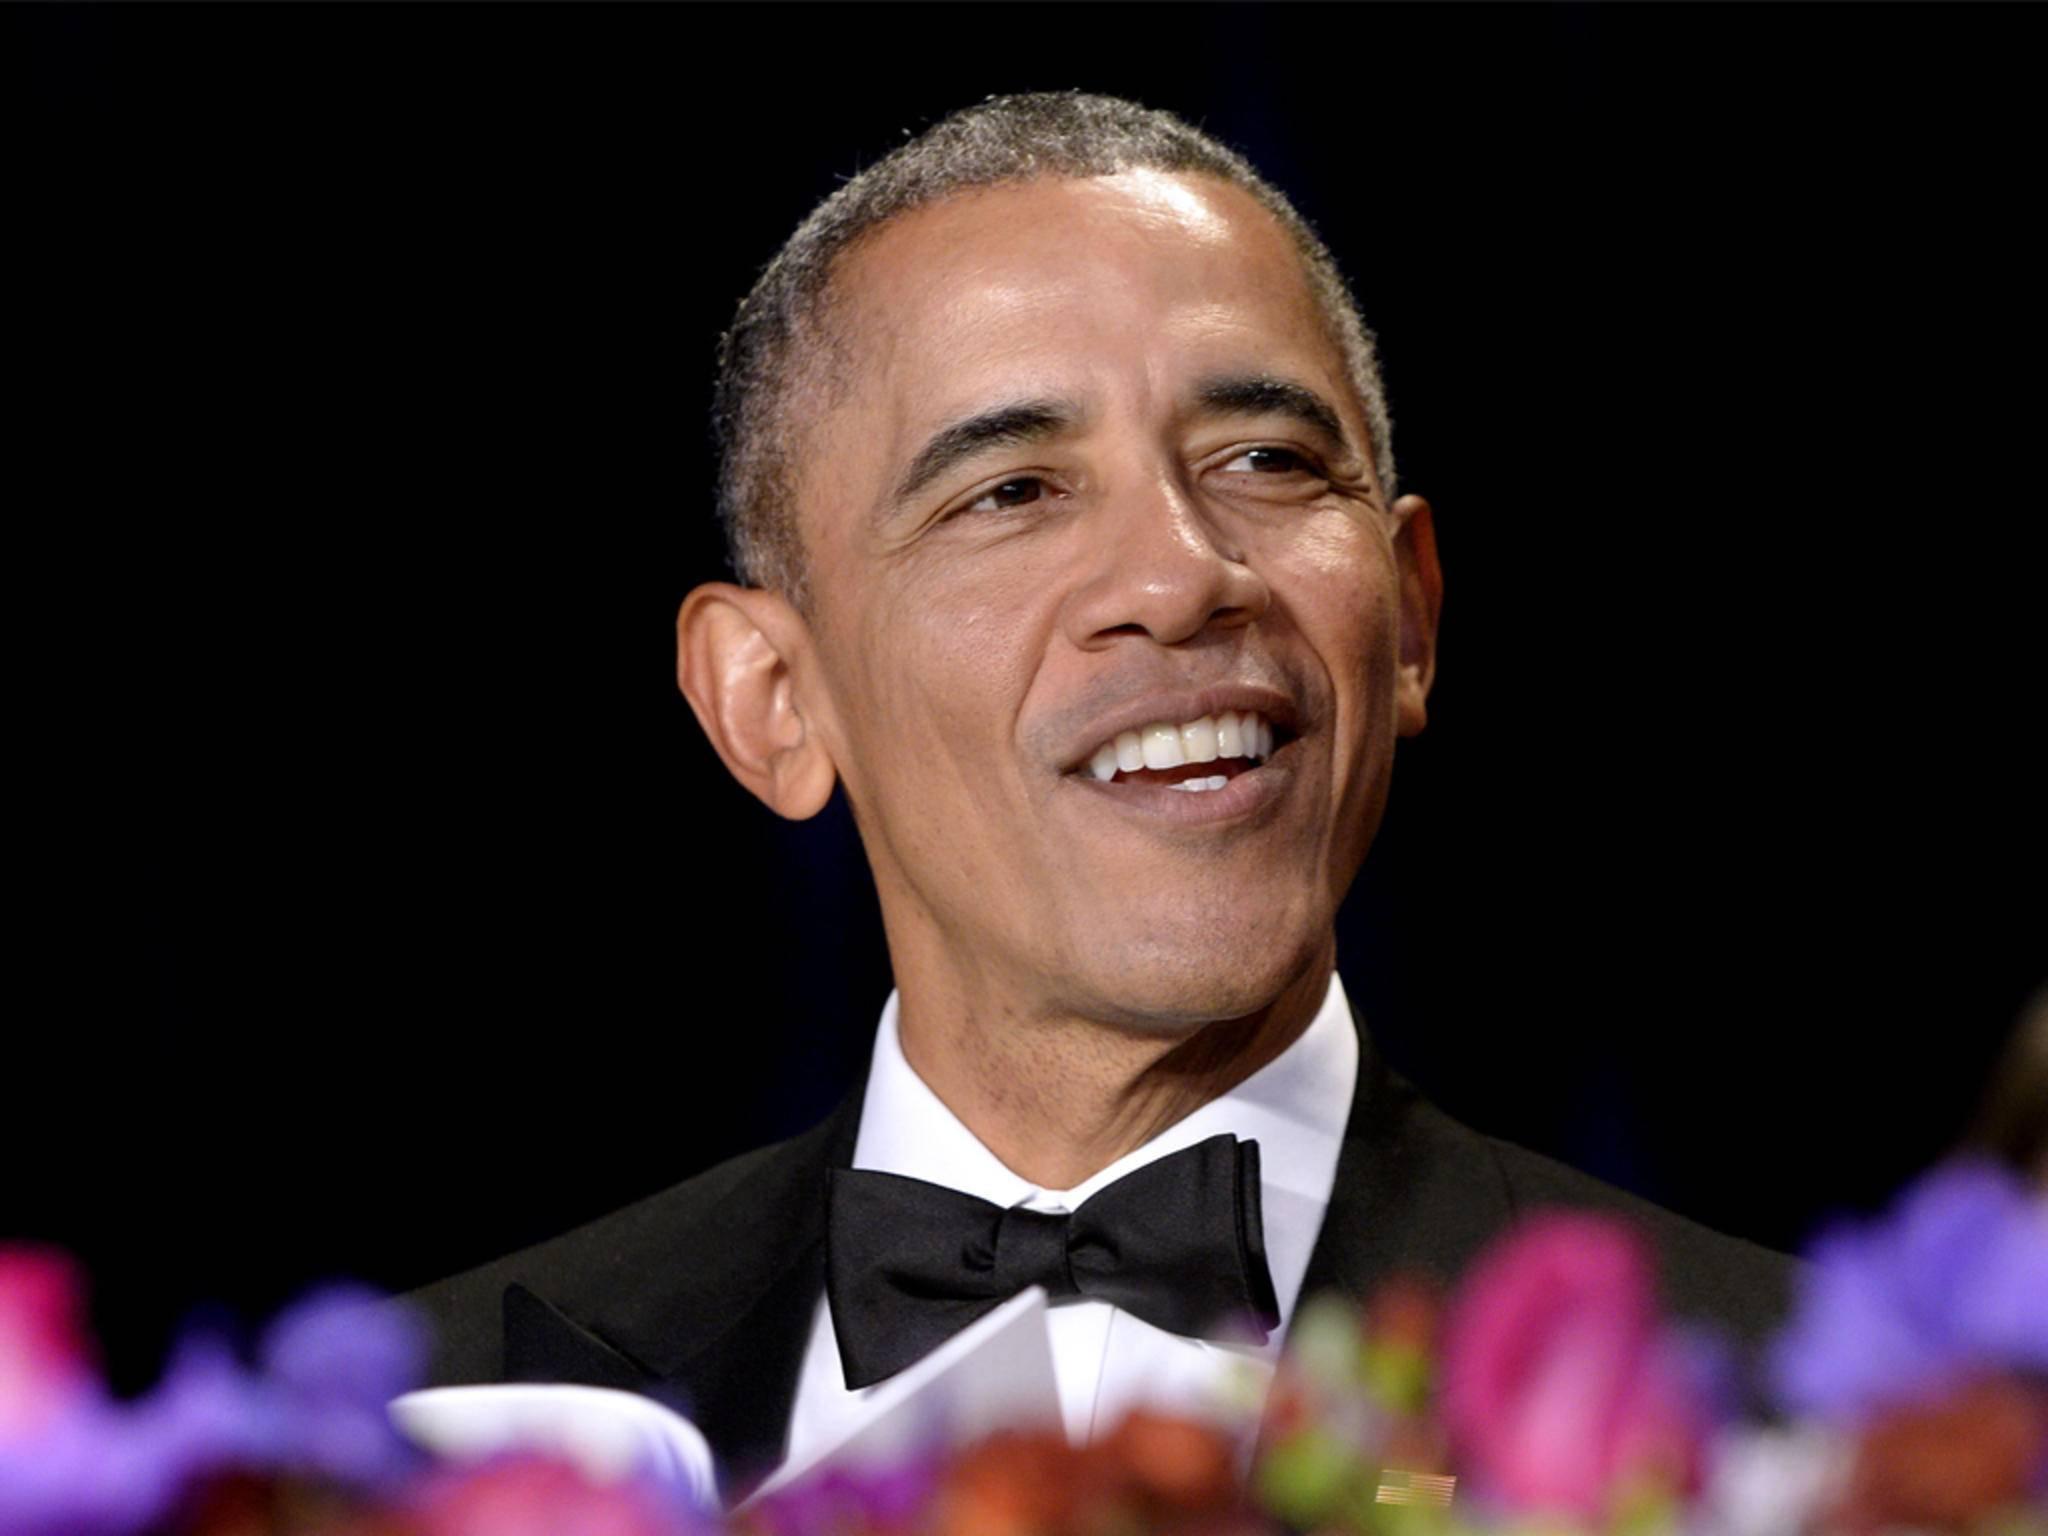 Auch dieses Jahr veröffentlichte Barack Obama wieder seine Lieblingssongs auf Spotify via Twitter.